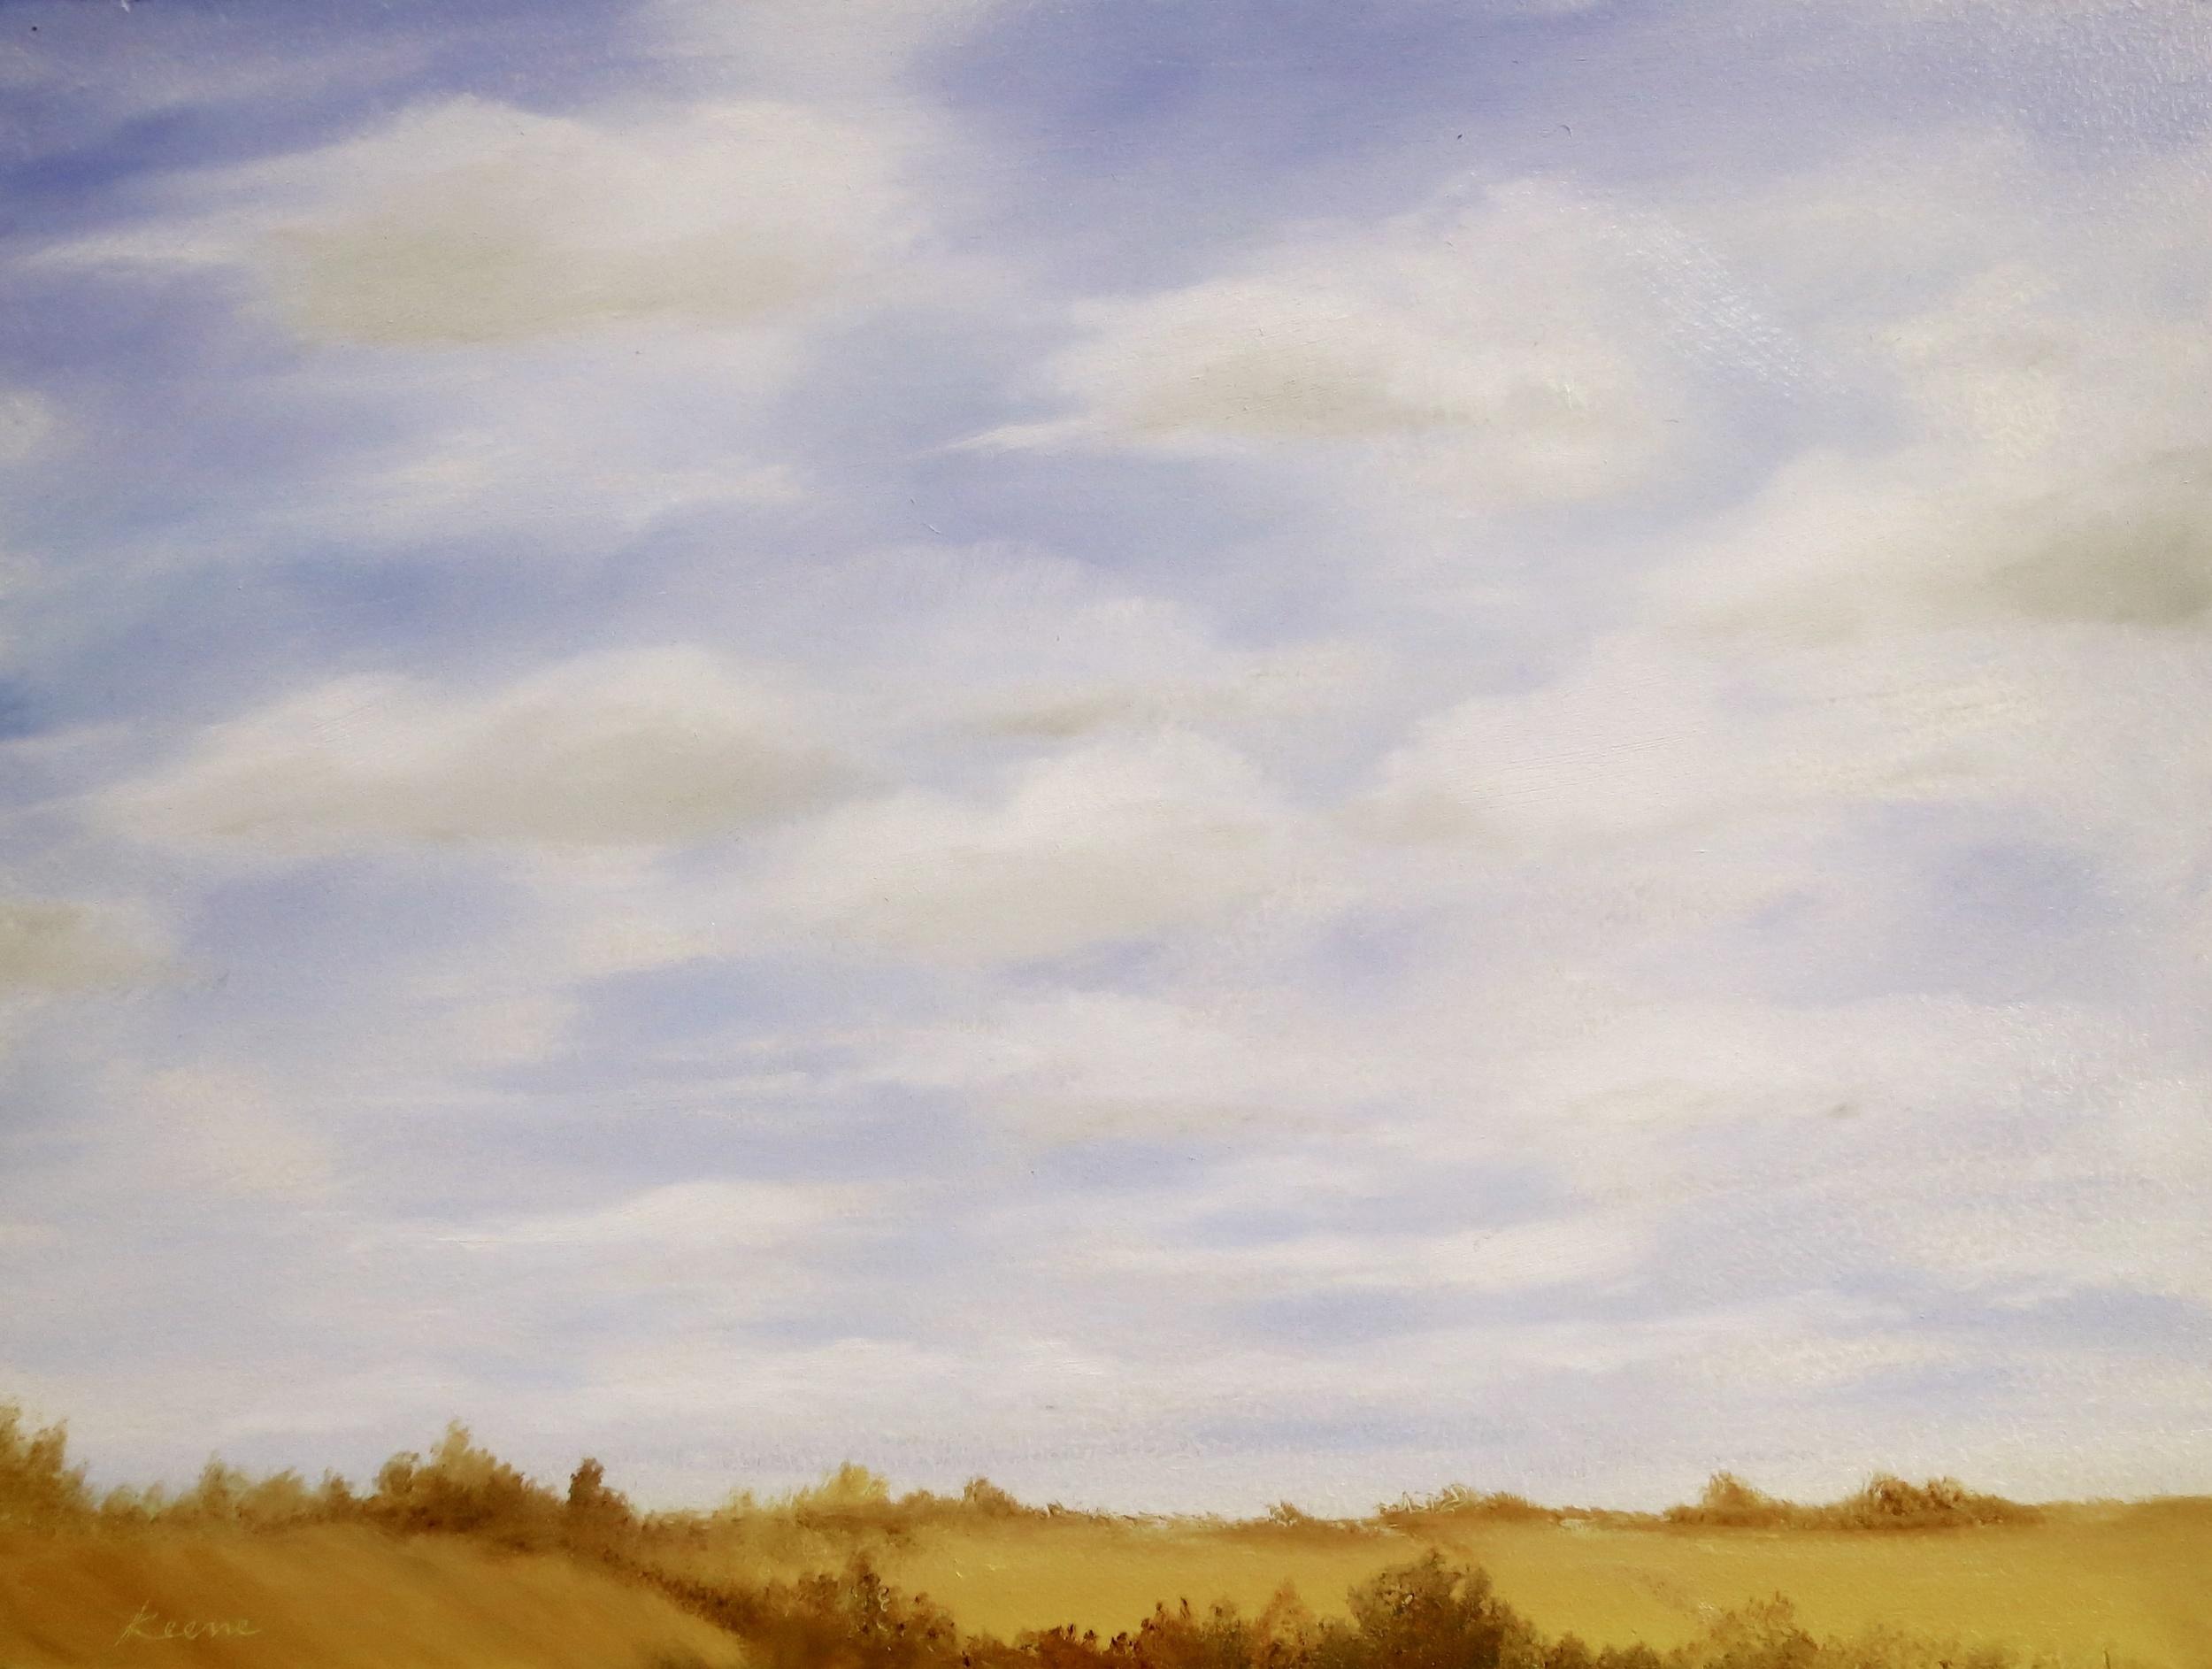 Rye, Wispy